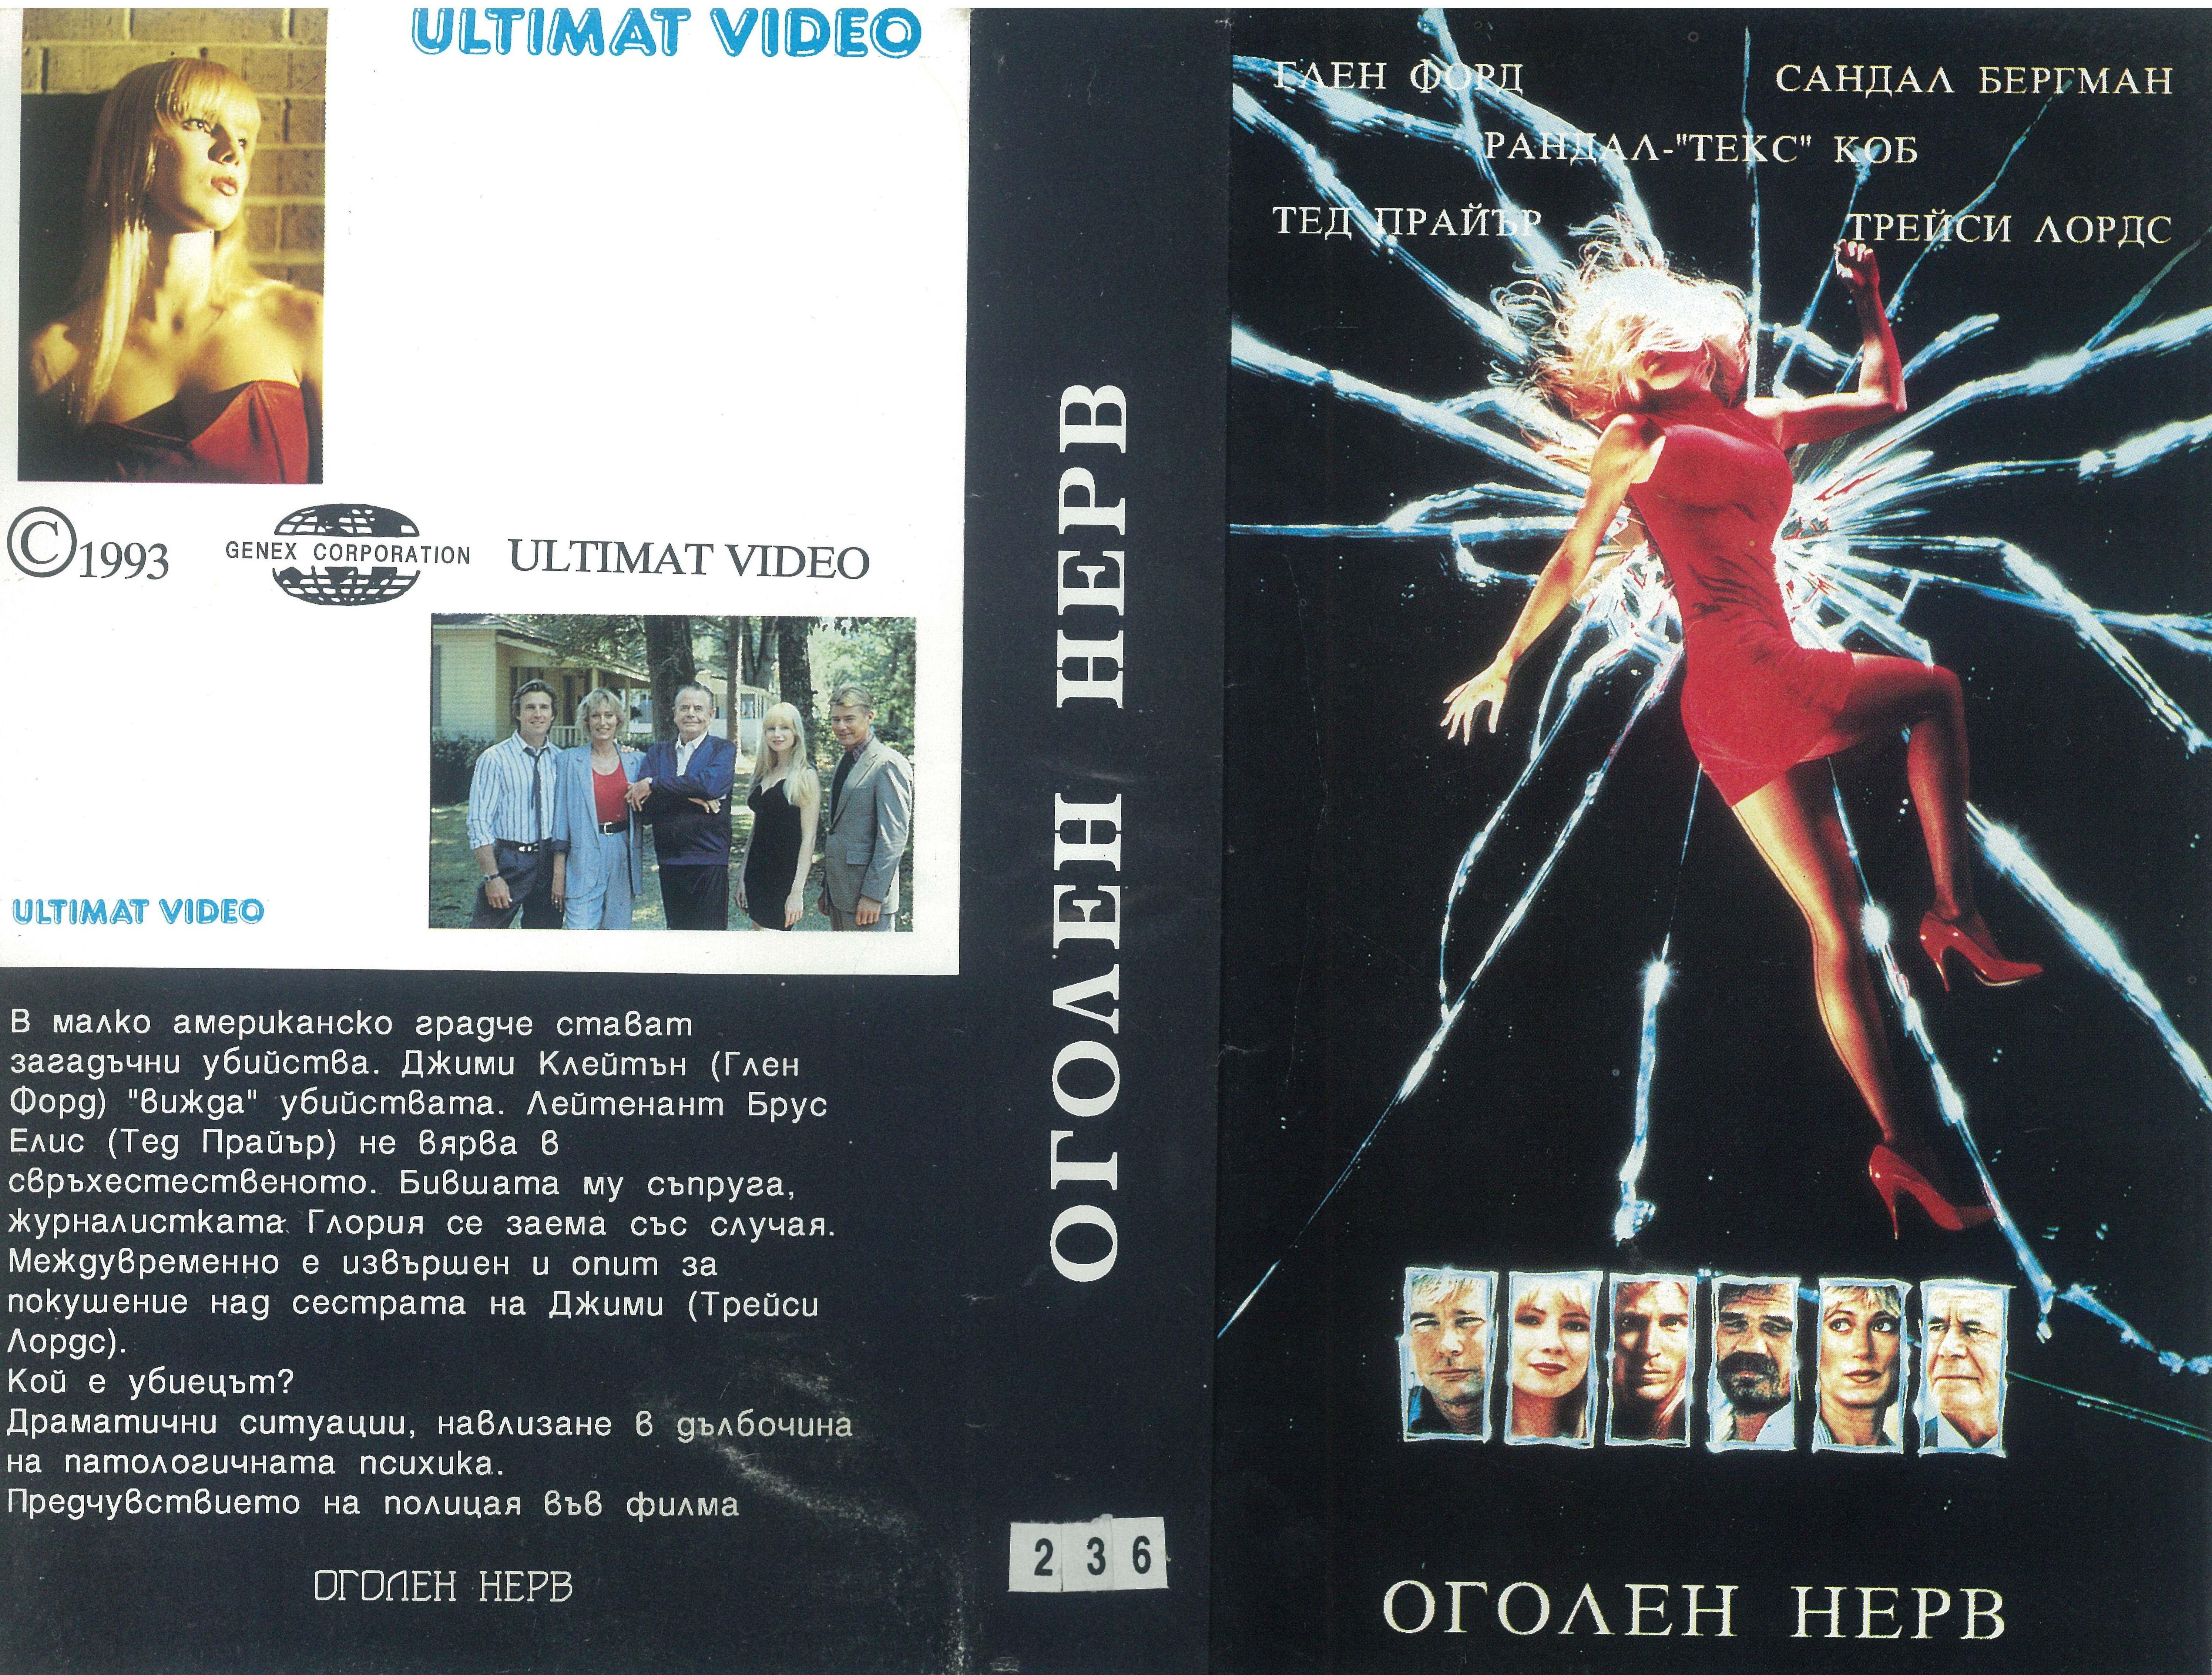 Оголен нерв филм постер